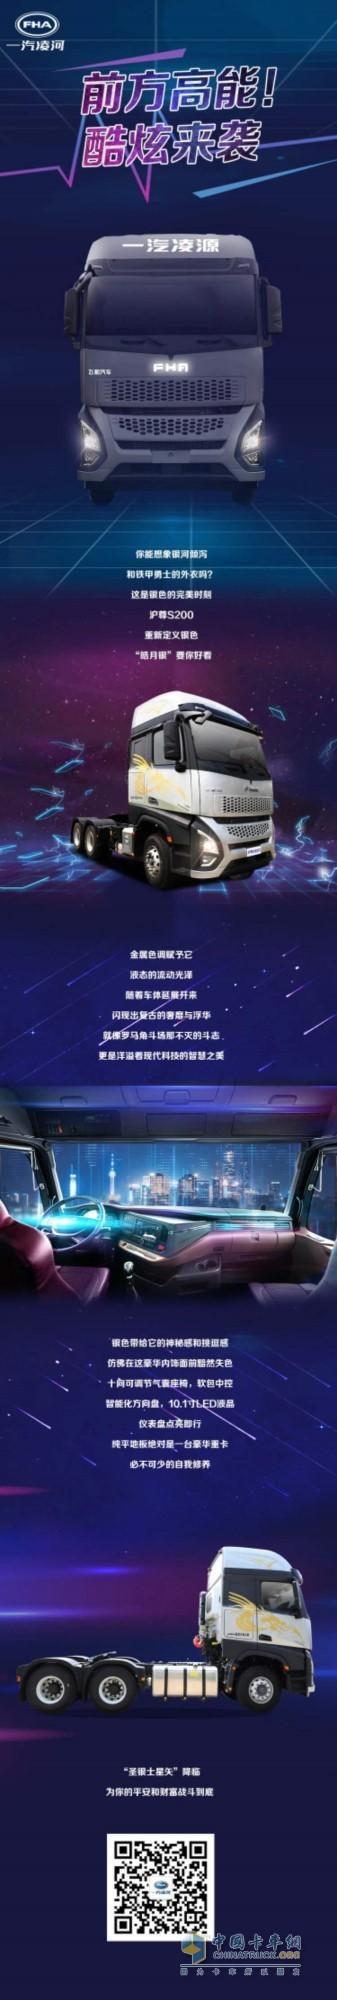 一汽凌源沪尊S200牵引车